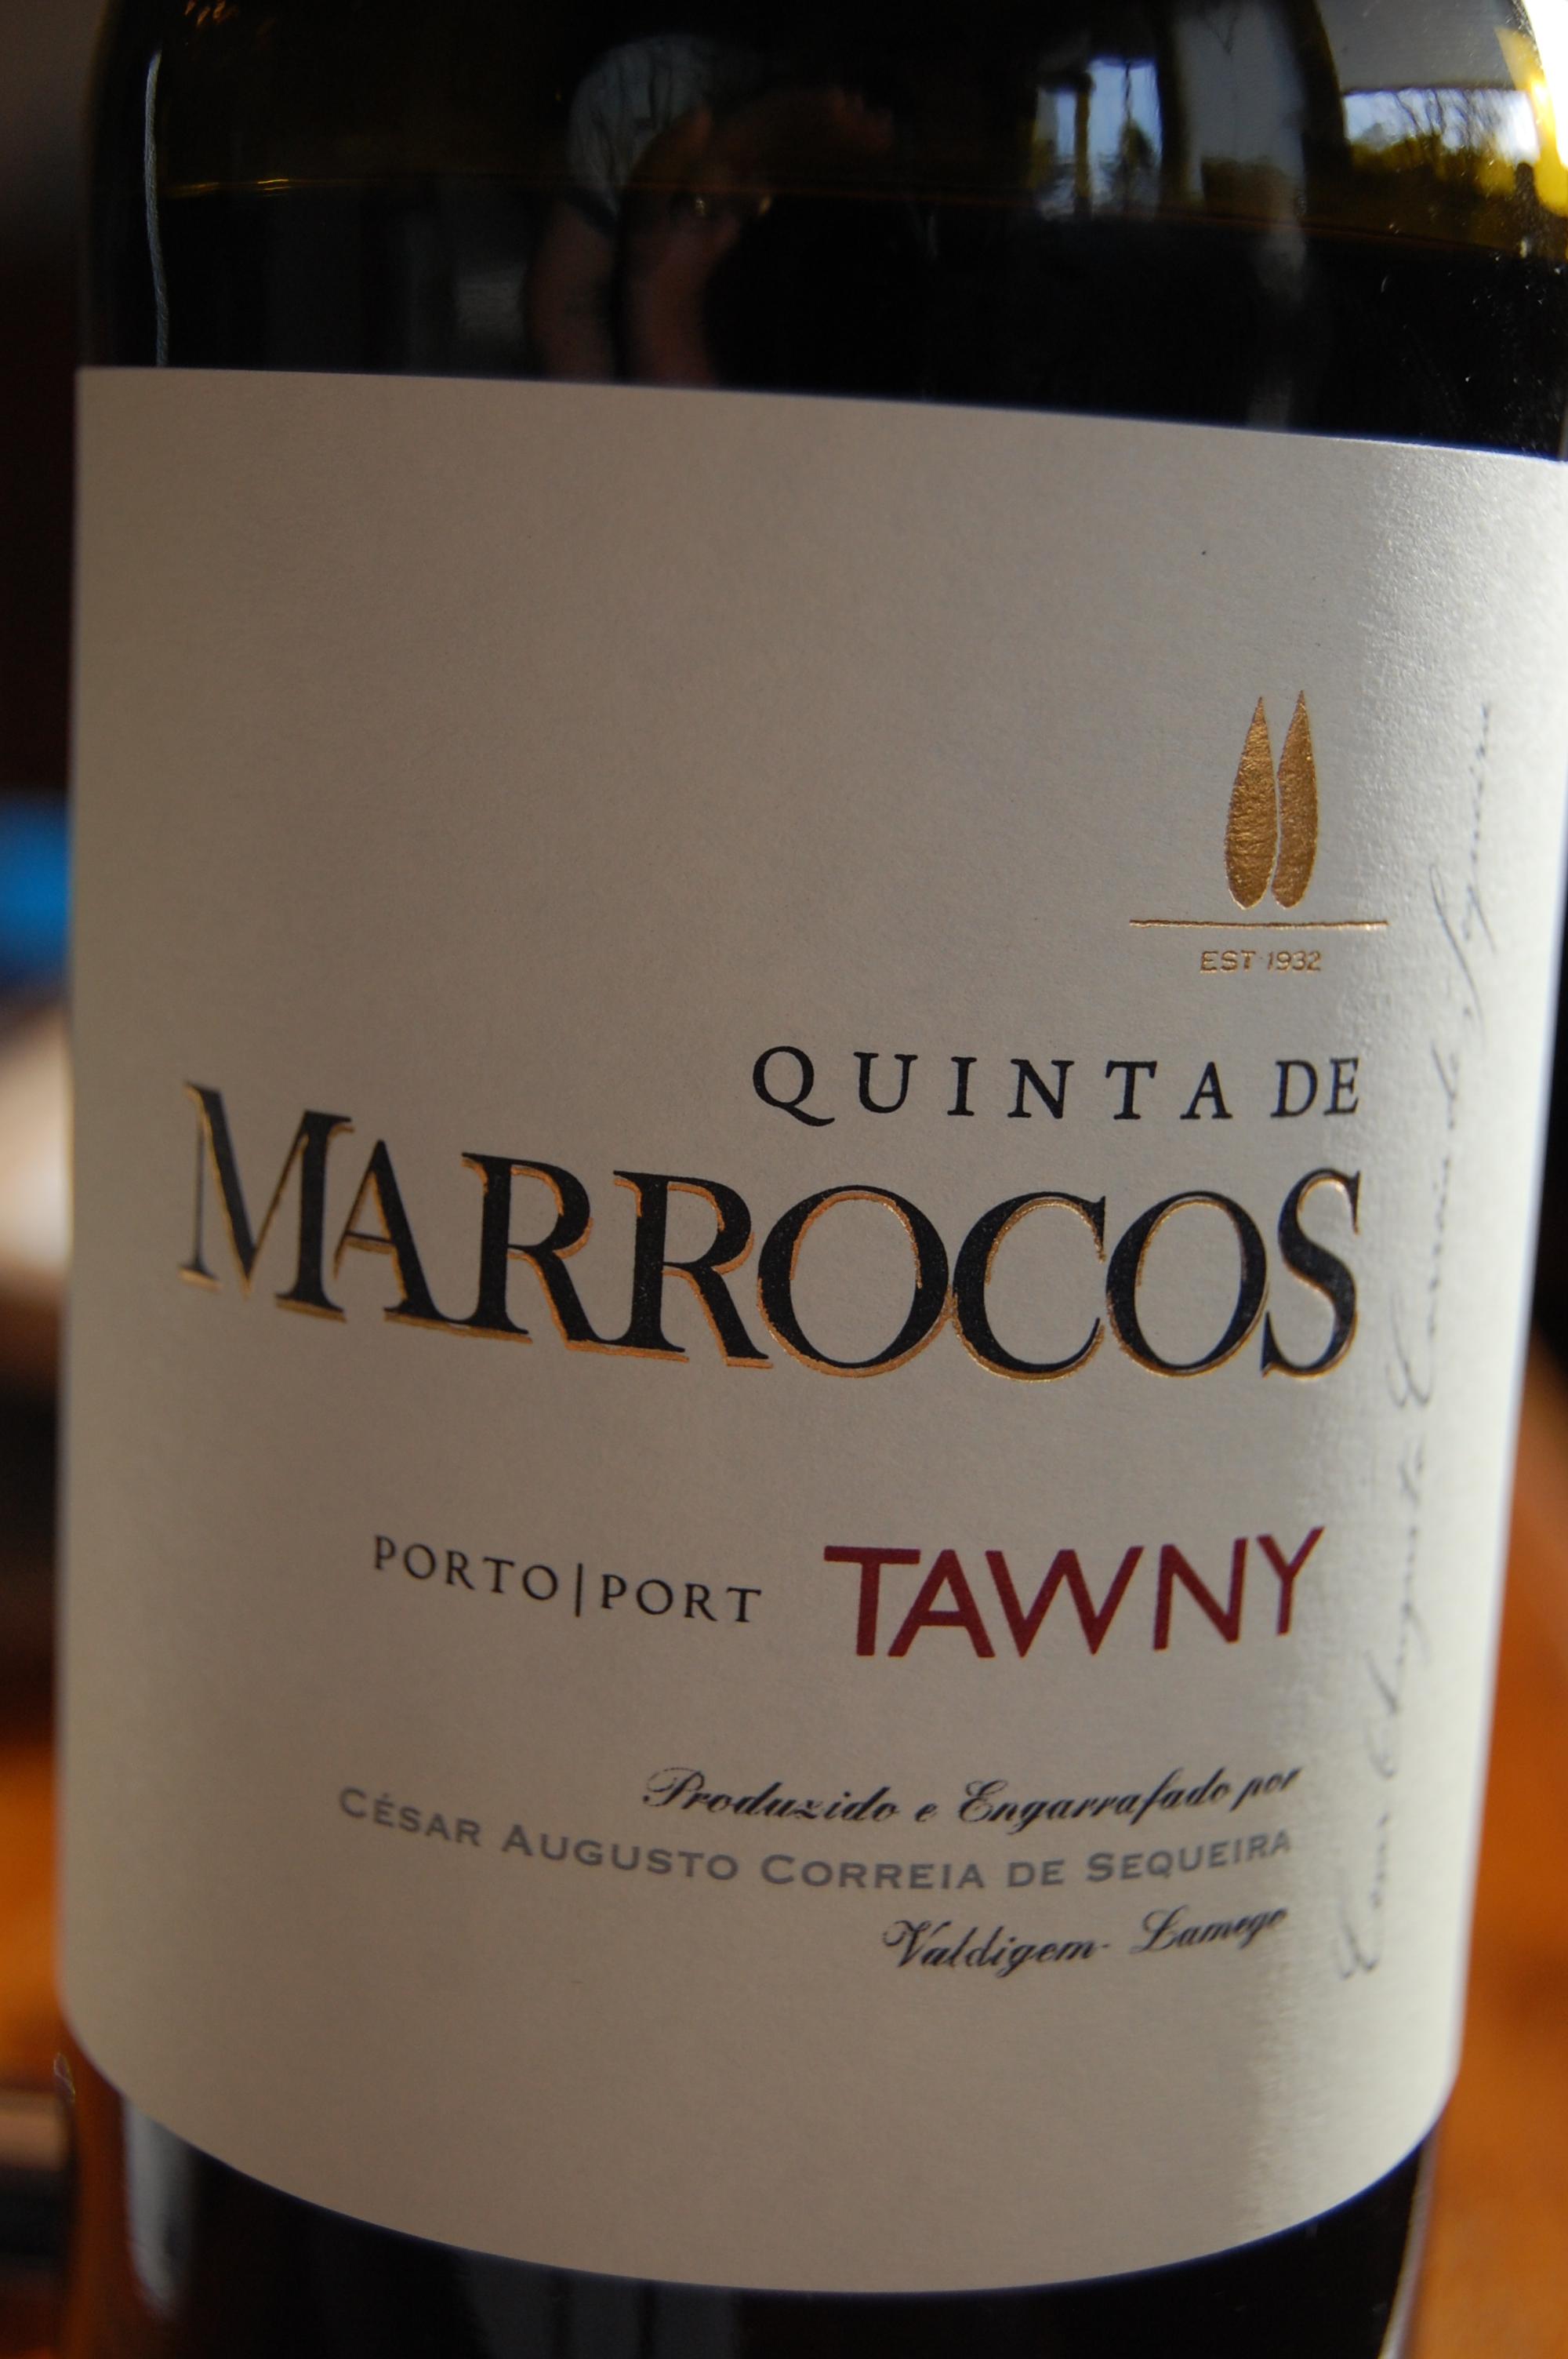 Marrocos tawny